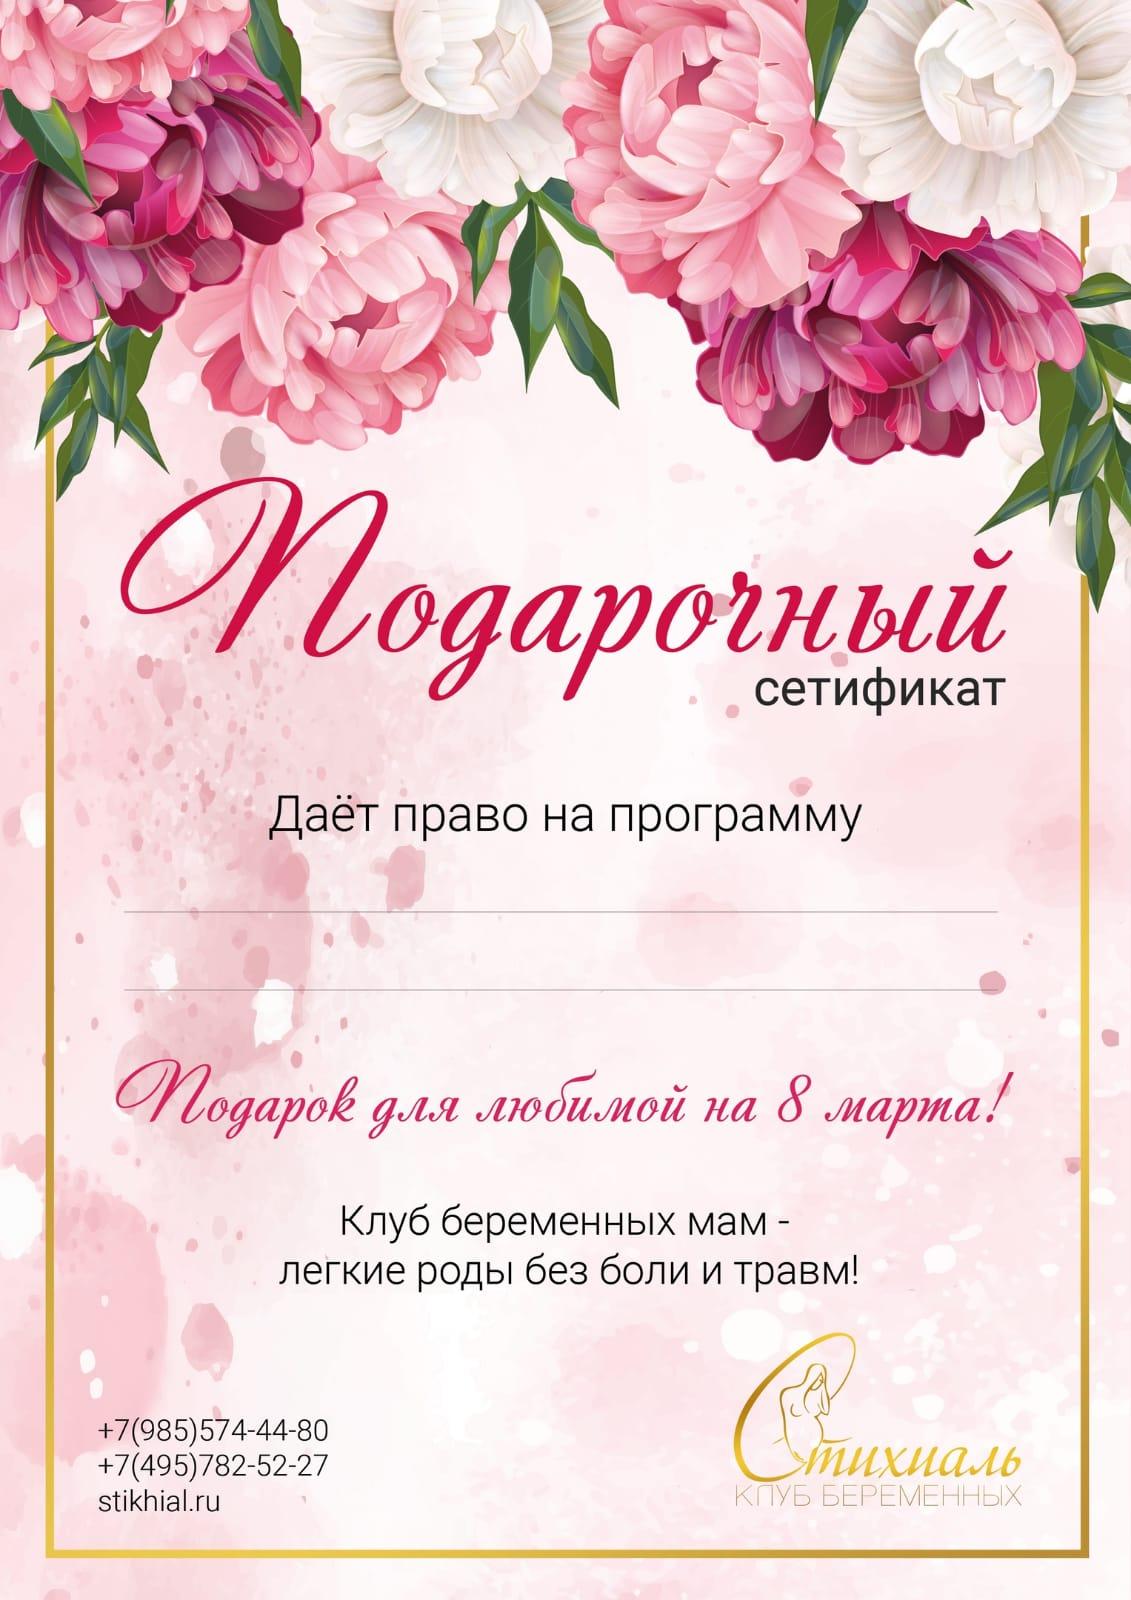 whatsapp-image-2020-03-05-at-22-42-25